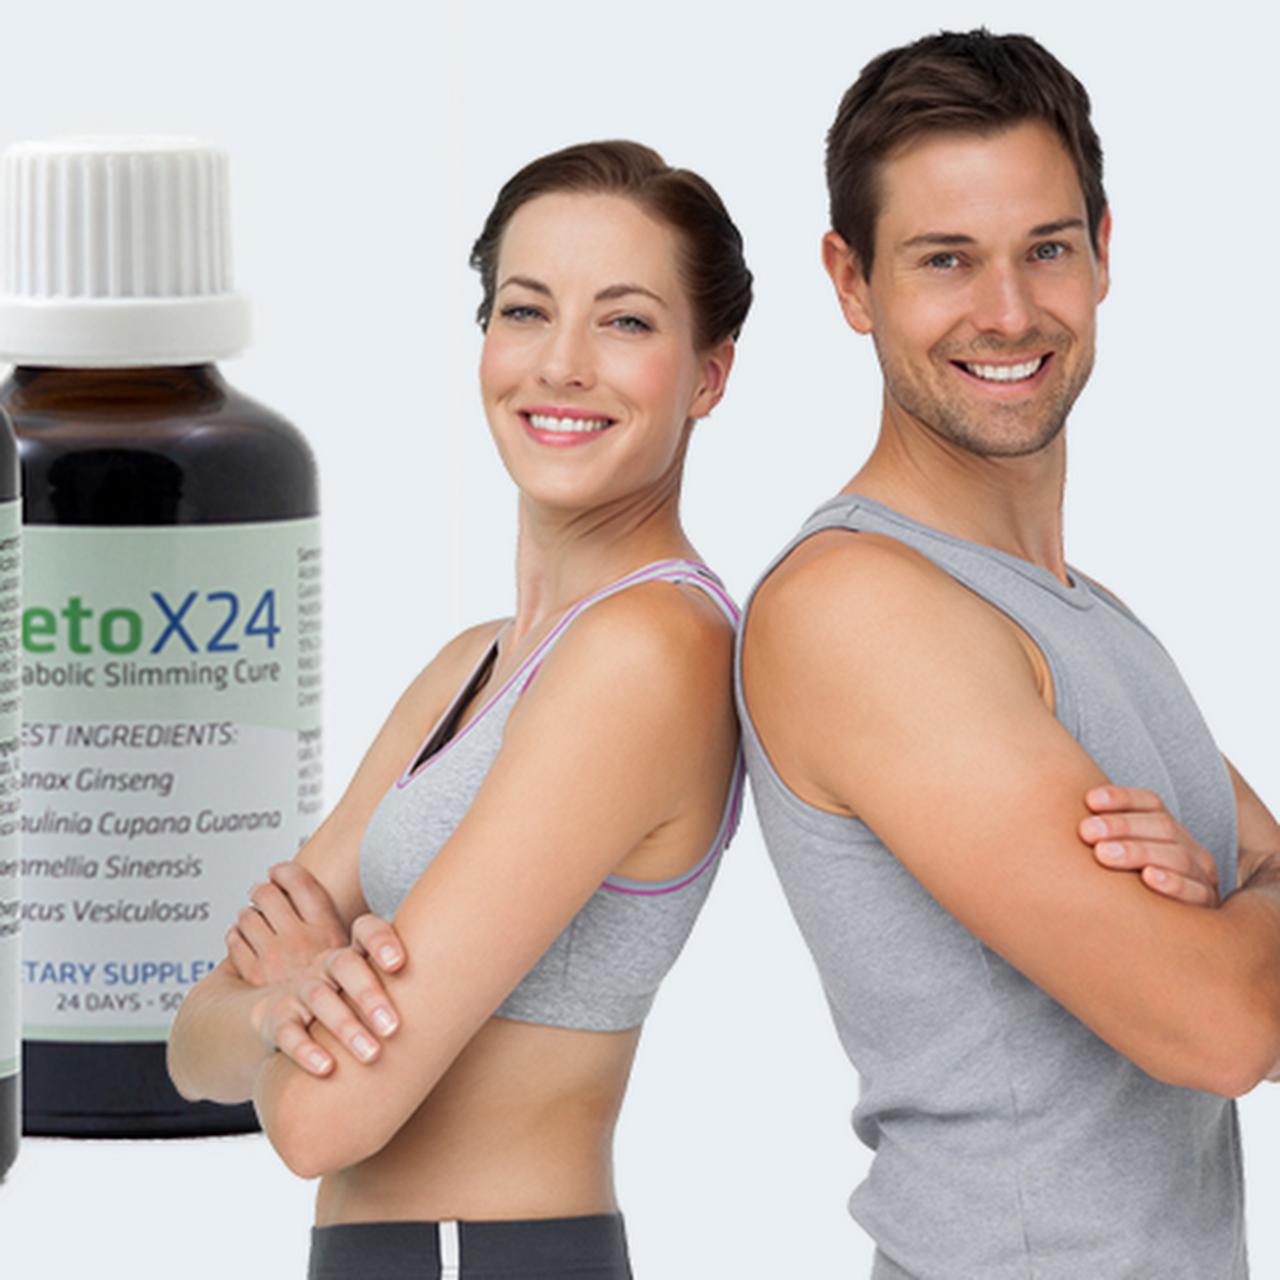 KetoX24 zeker 10% afvallen in 24 dagen! Val af in 2020